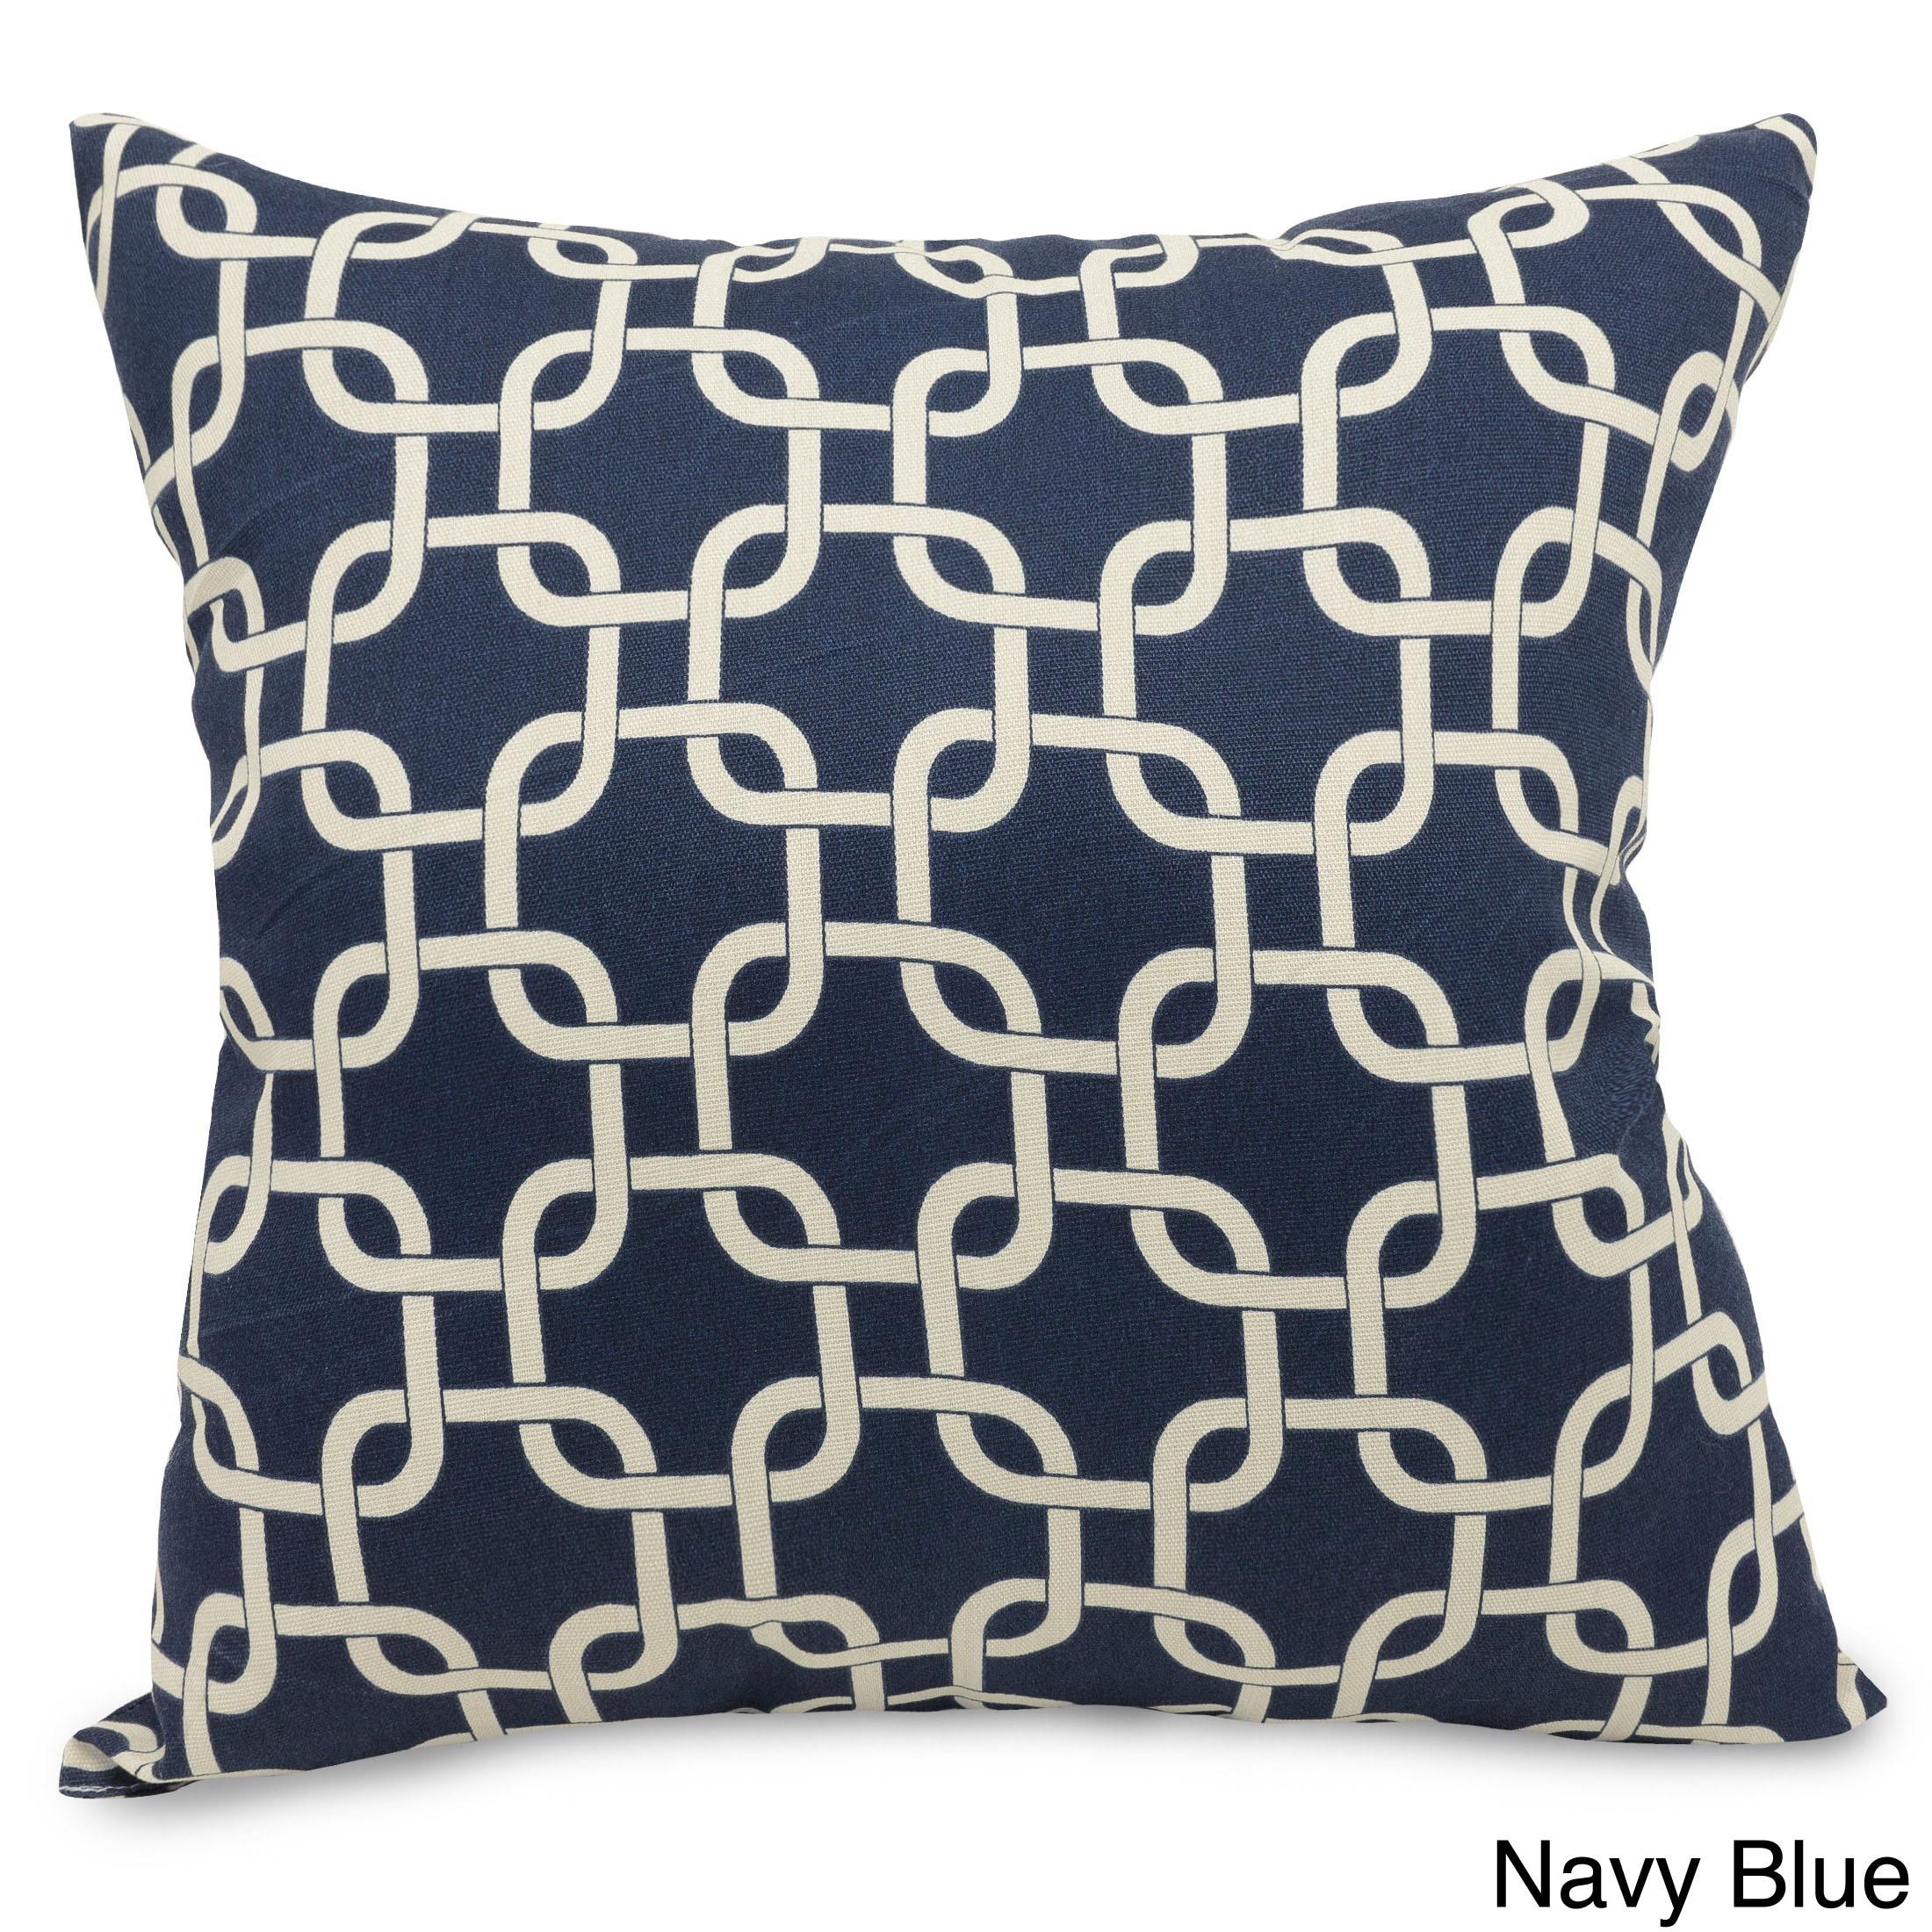 Majestic Home Indoor/Outdoor Links Large Pillow (Navy Blu...